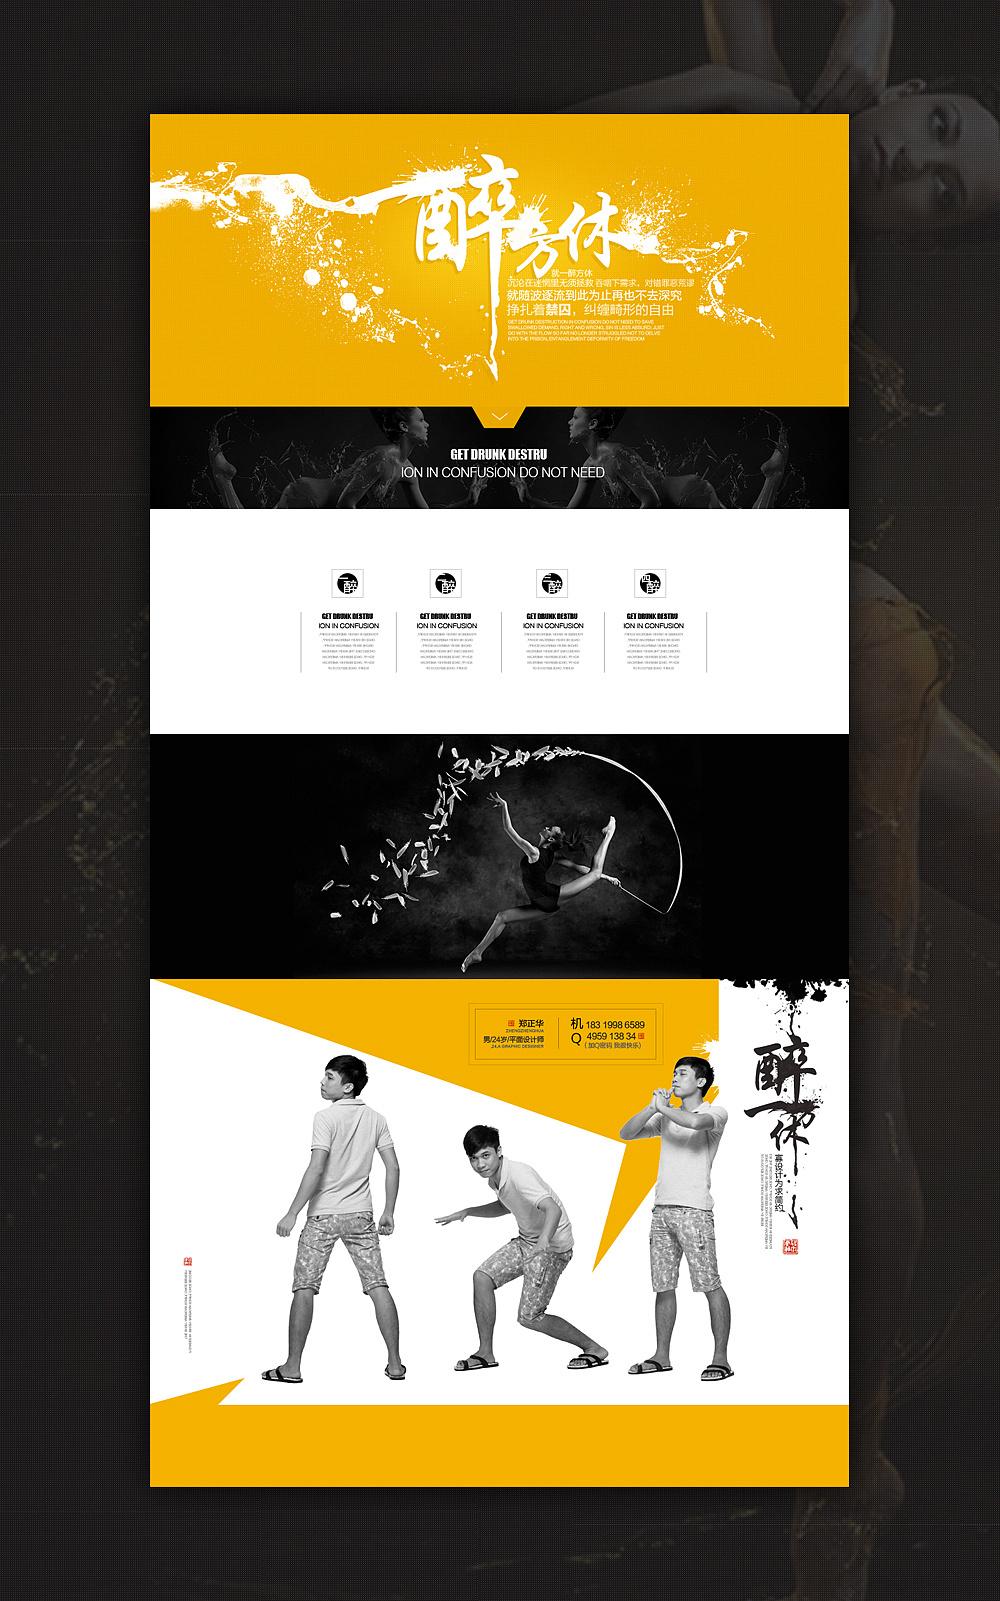 2014优秀淘宝创意海报页面字体红包天猫排版设计平面视觉设计图片